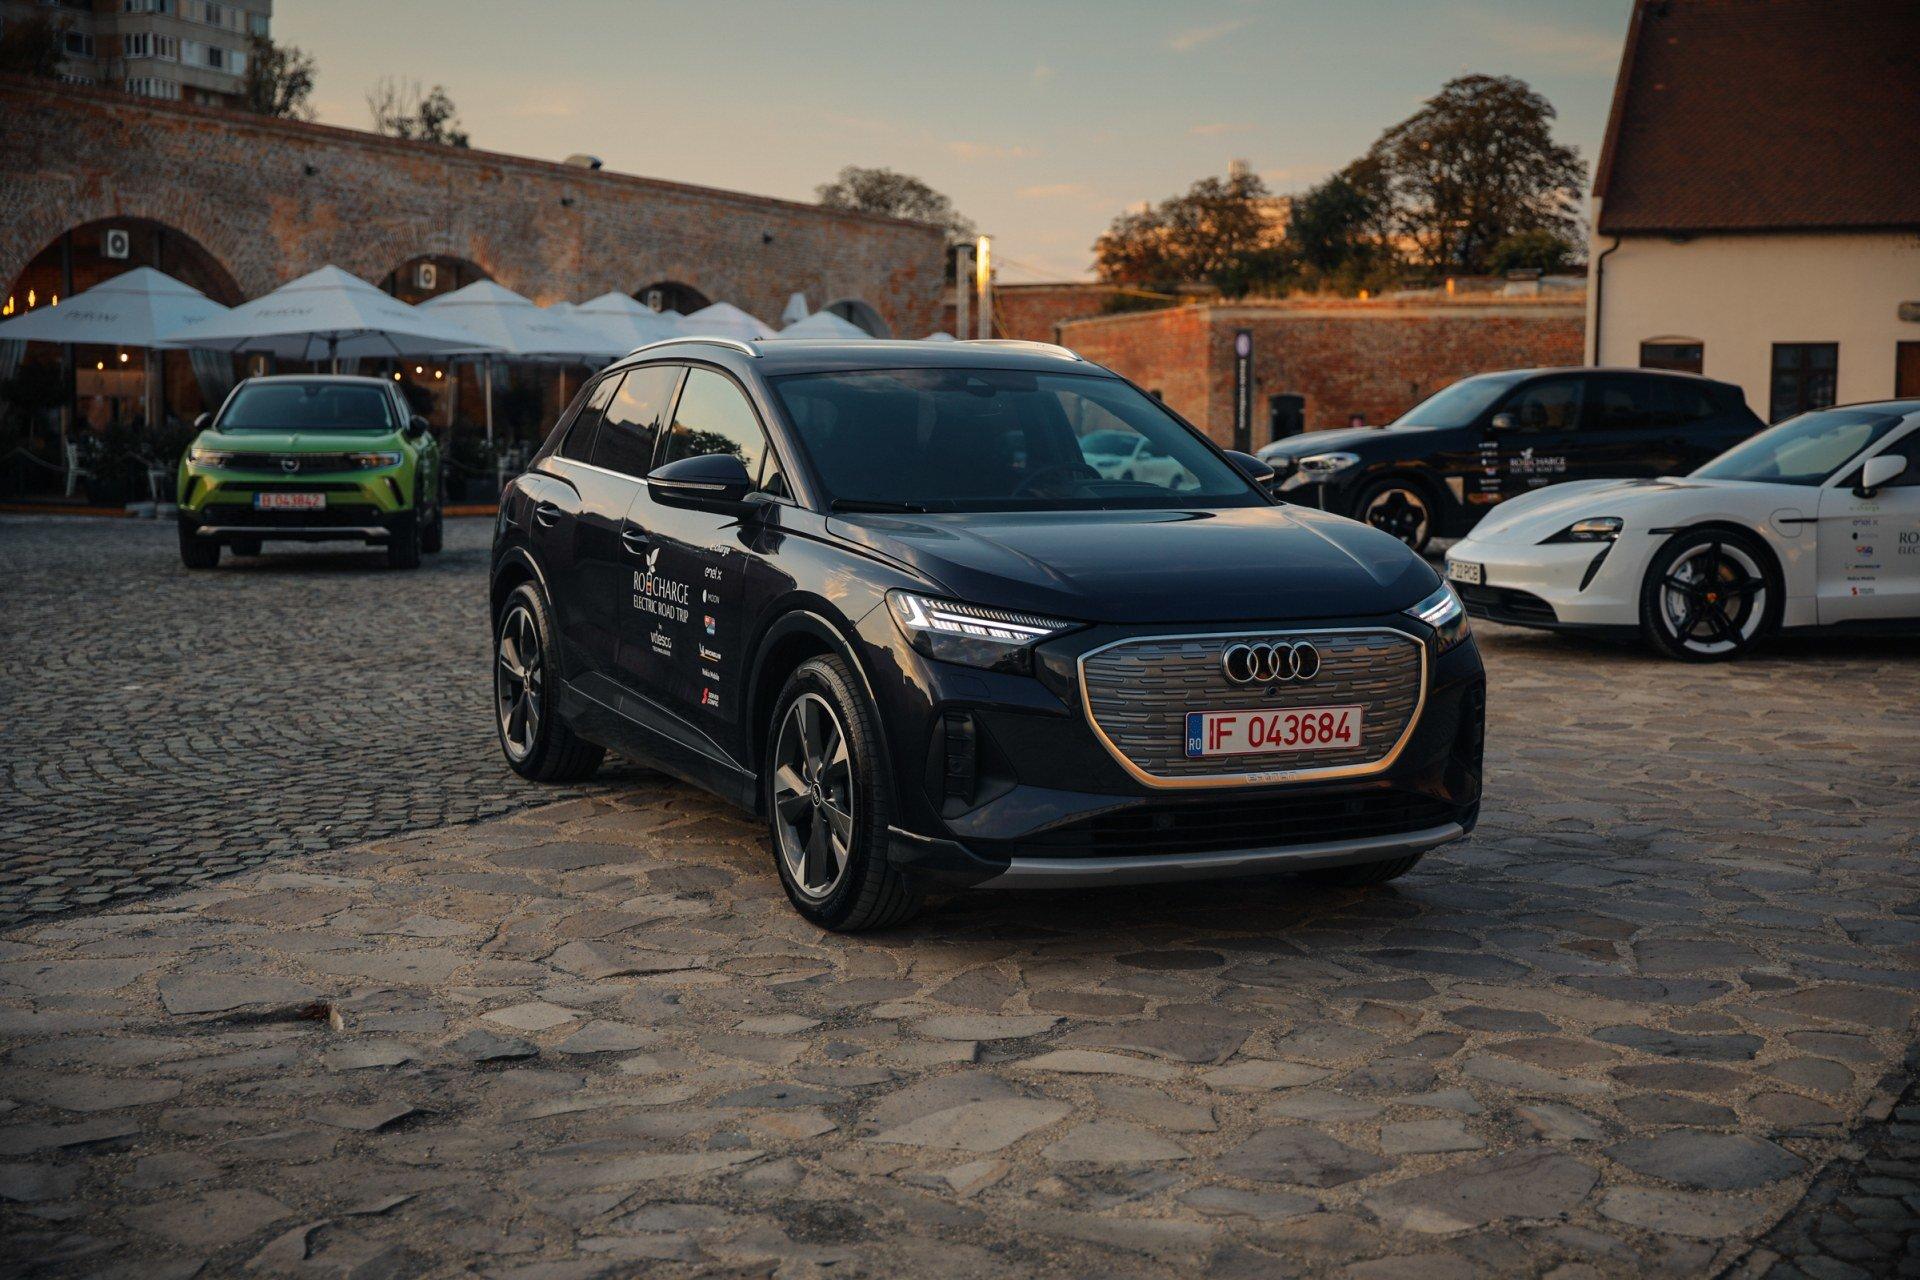 driven-2021-audi-q4-e-tron-50-quattro-audi-s-version-of-the-id4_38.jpg